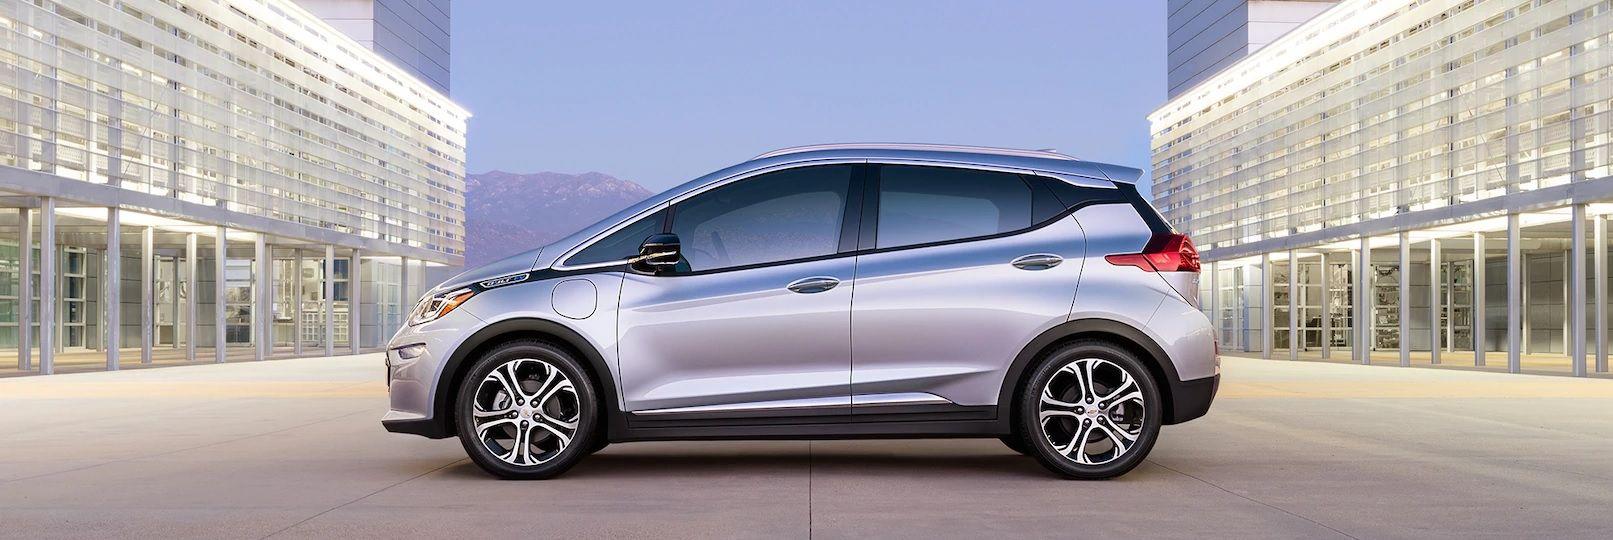 Chevrolet Bolt EV 2018 a la venta cerca de Escondido, CA